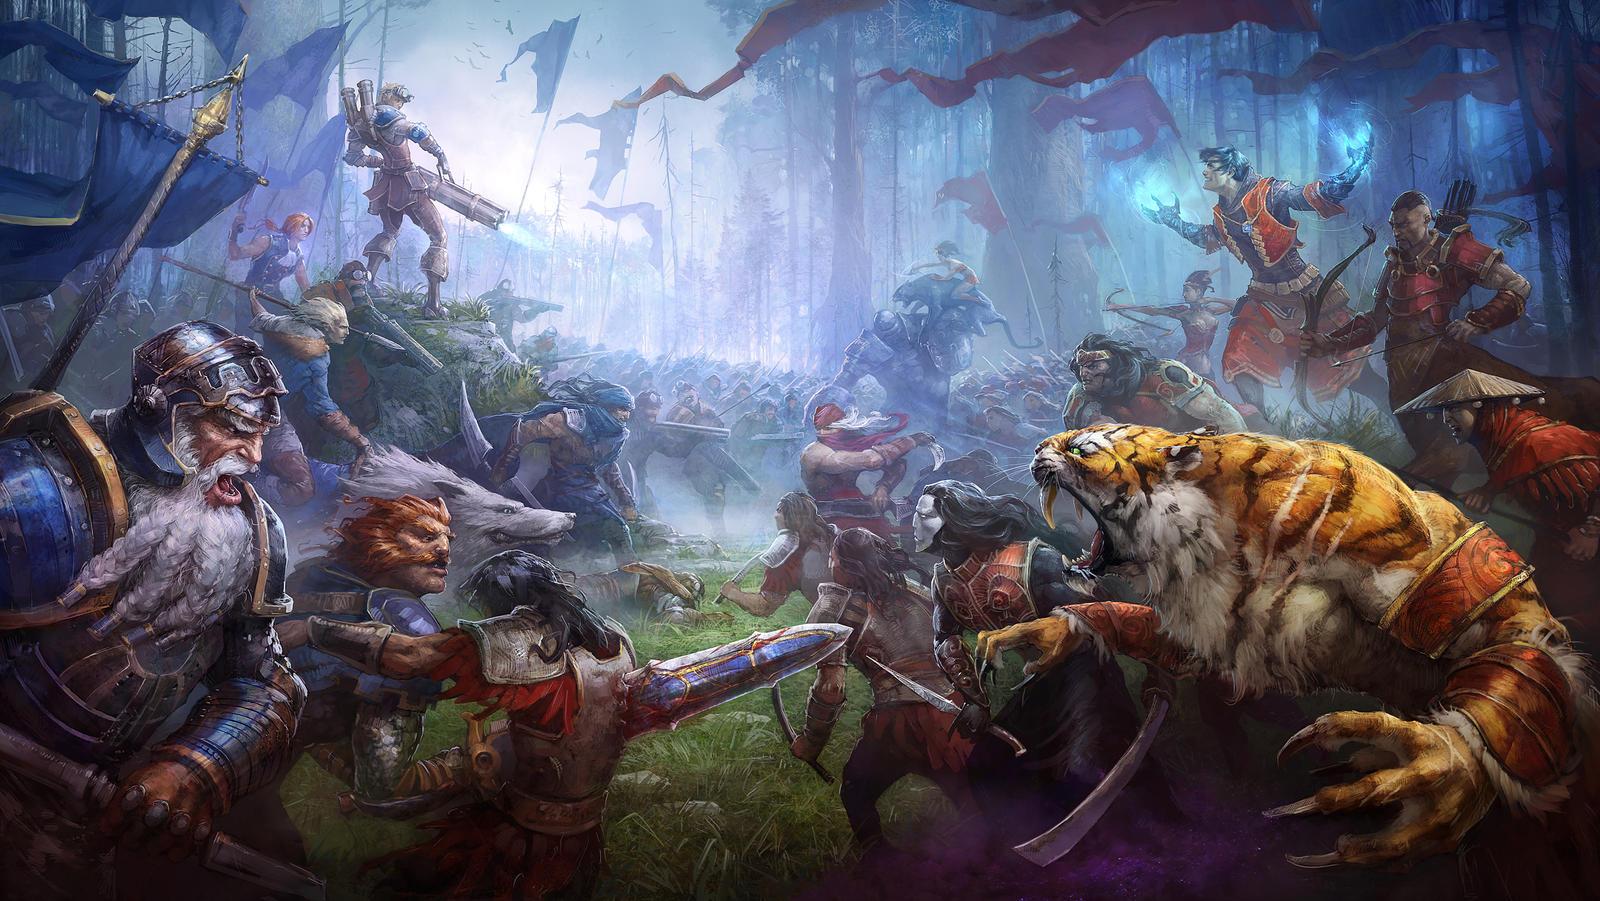 Battle by Rahmatozz